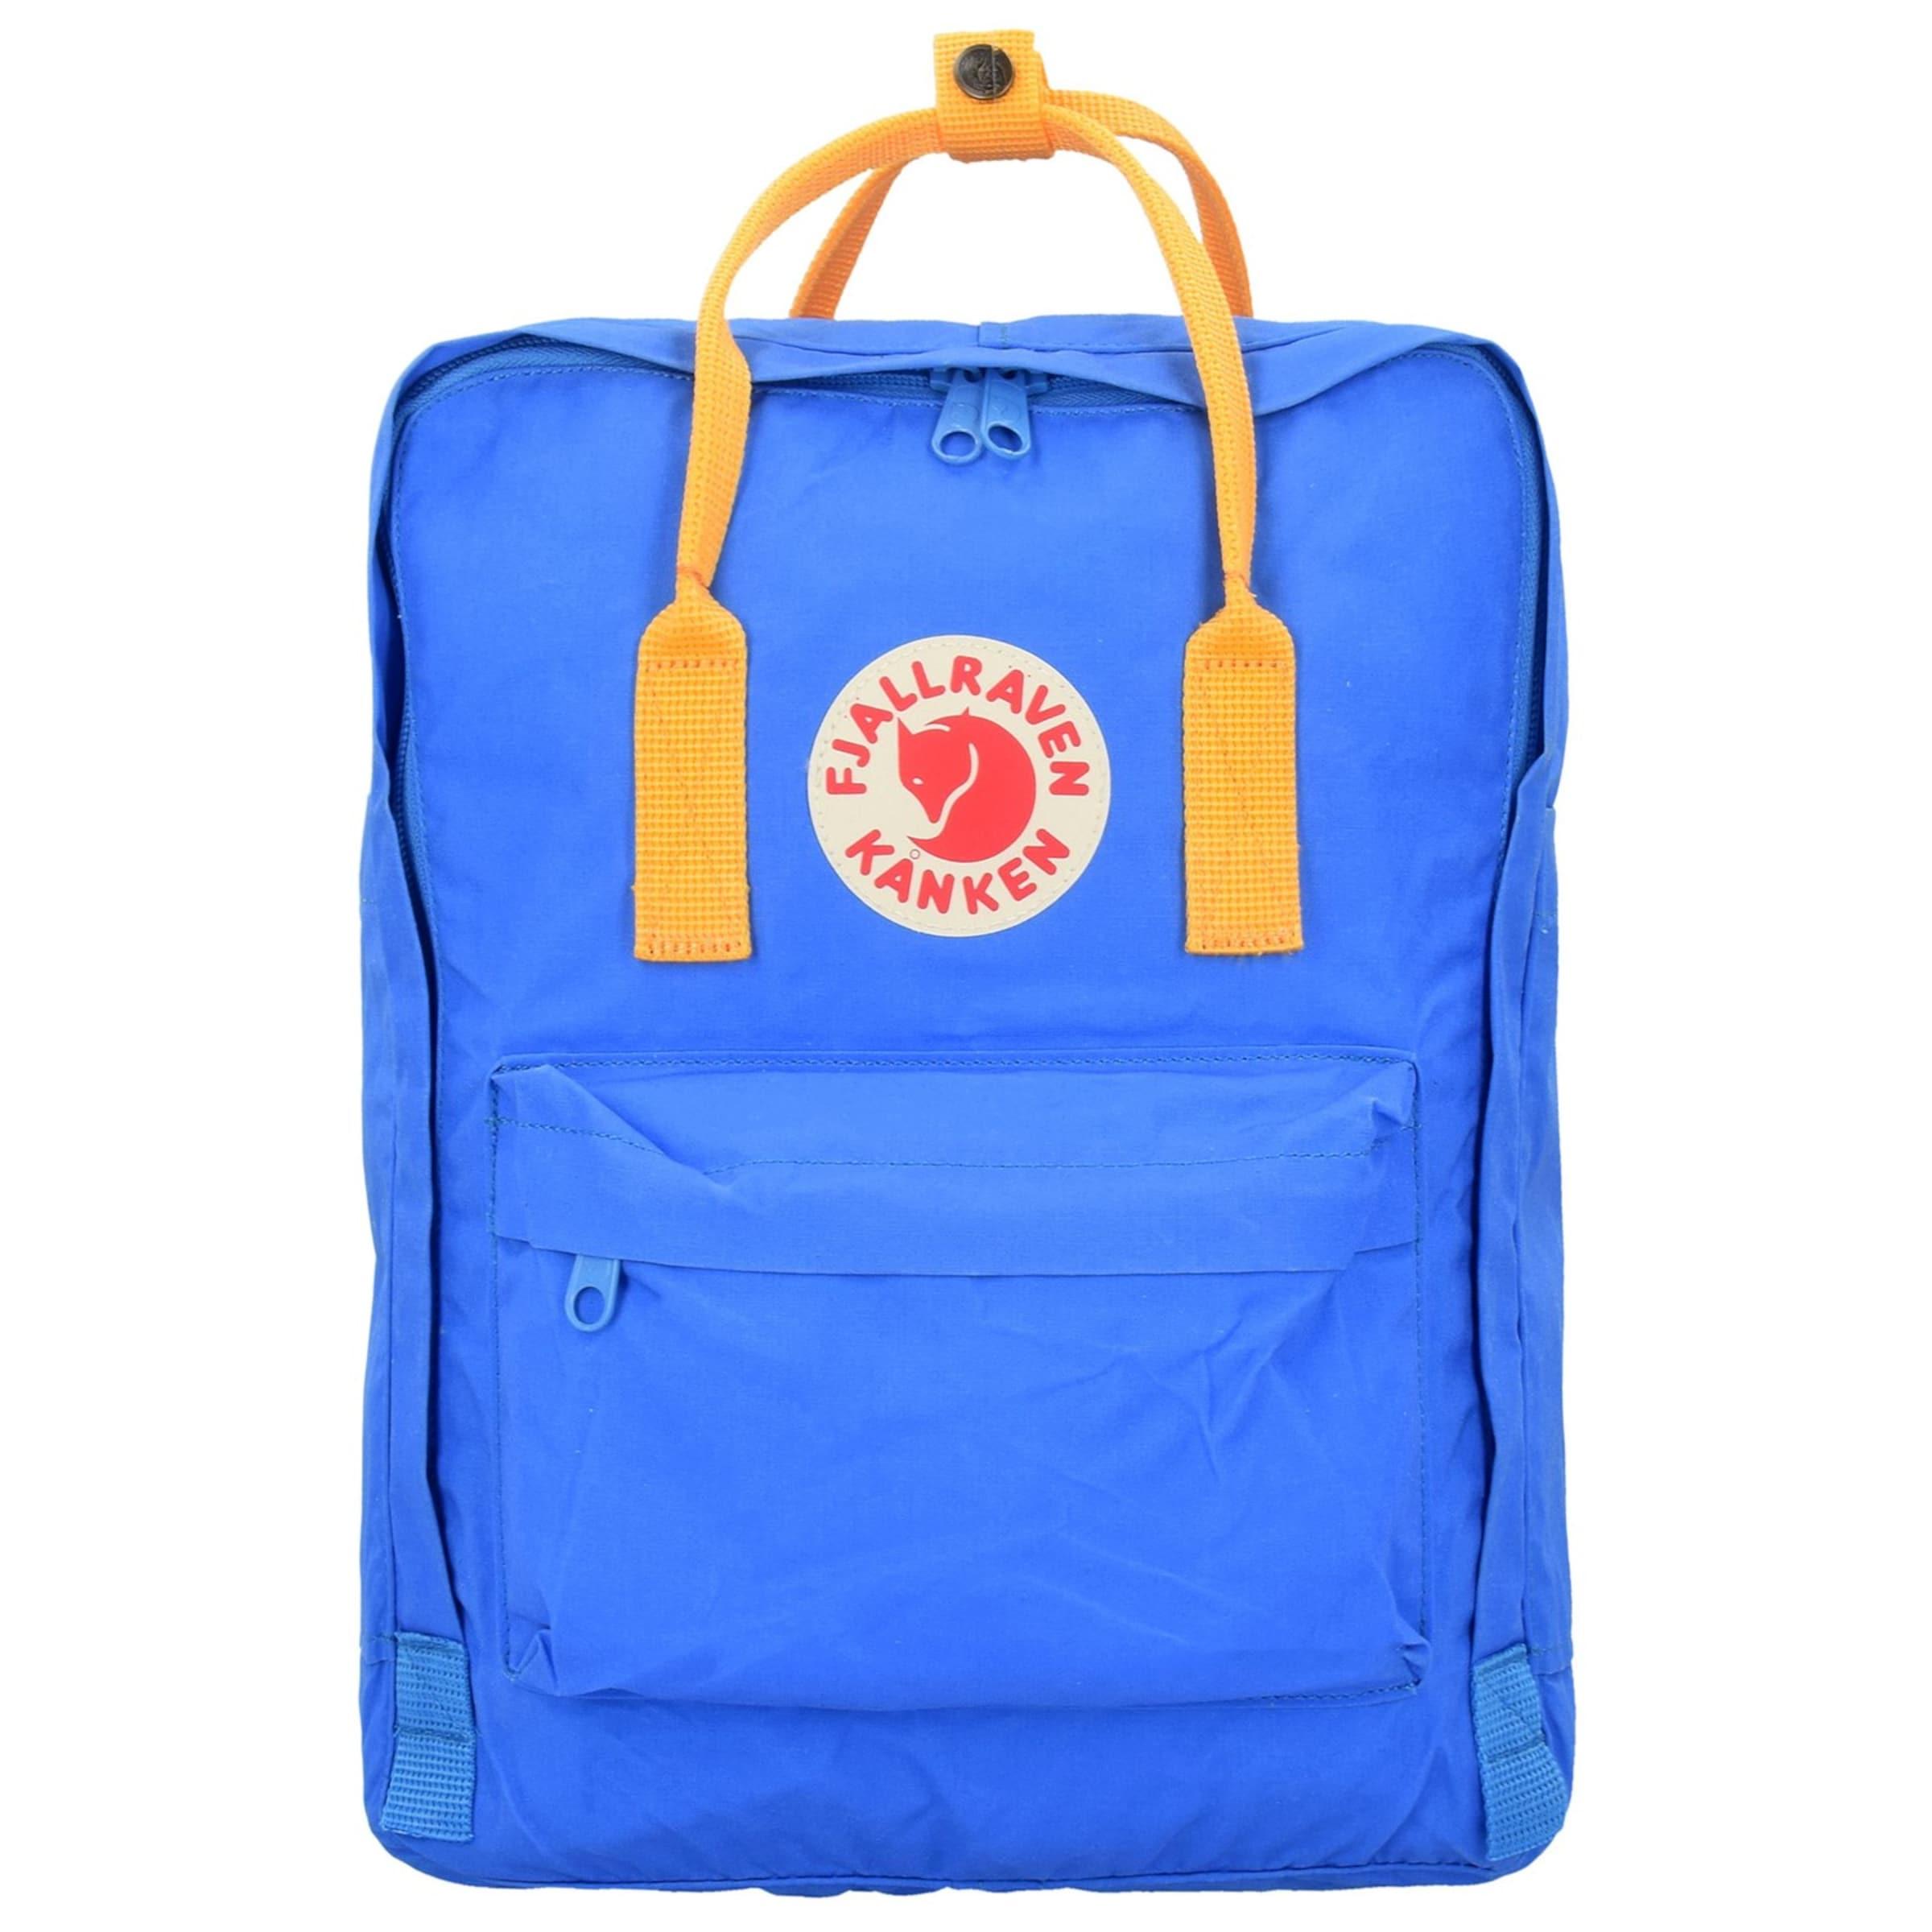 Fjällräven 'Kånken' Rucksack Backpack 38 cm Neue Und Mode 2018 Neue Online grB17Rv